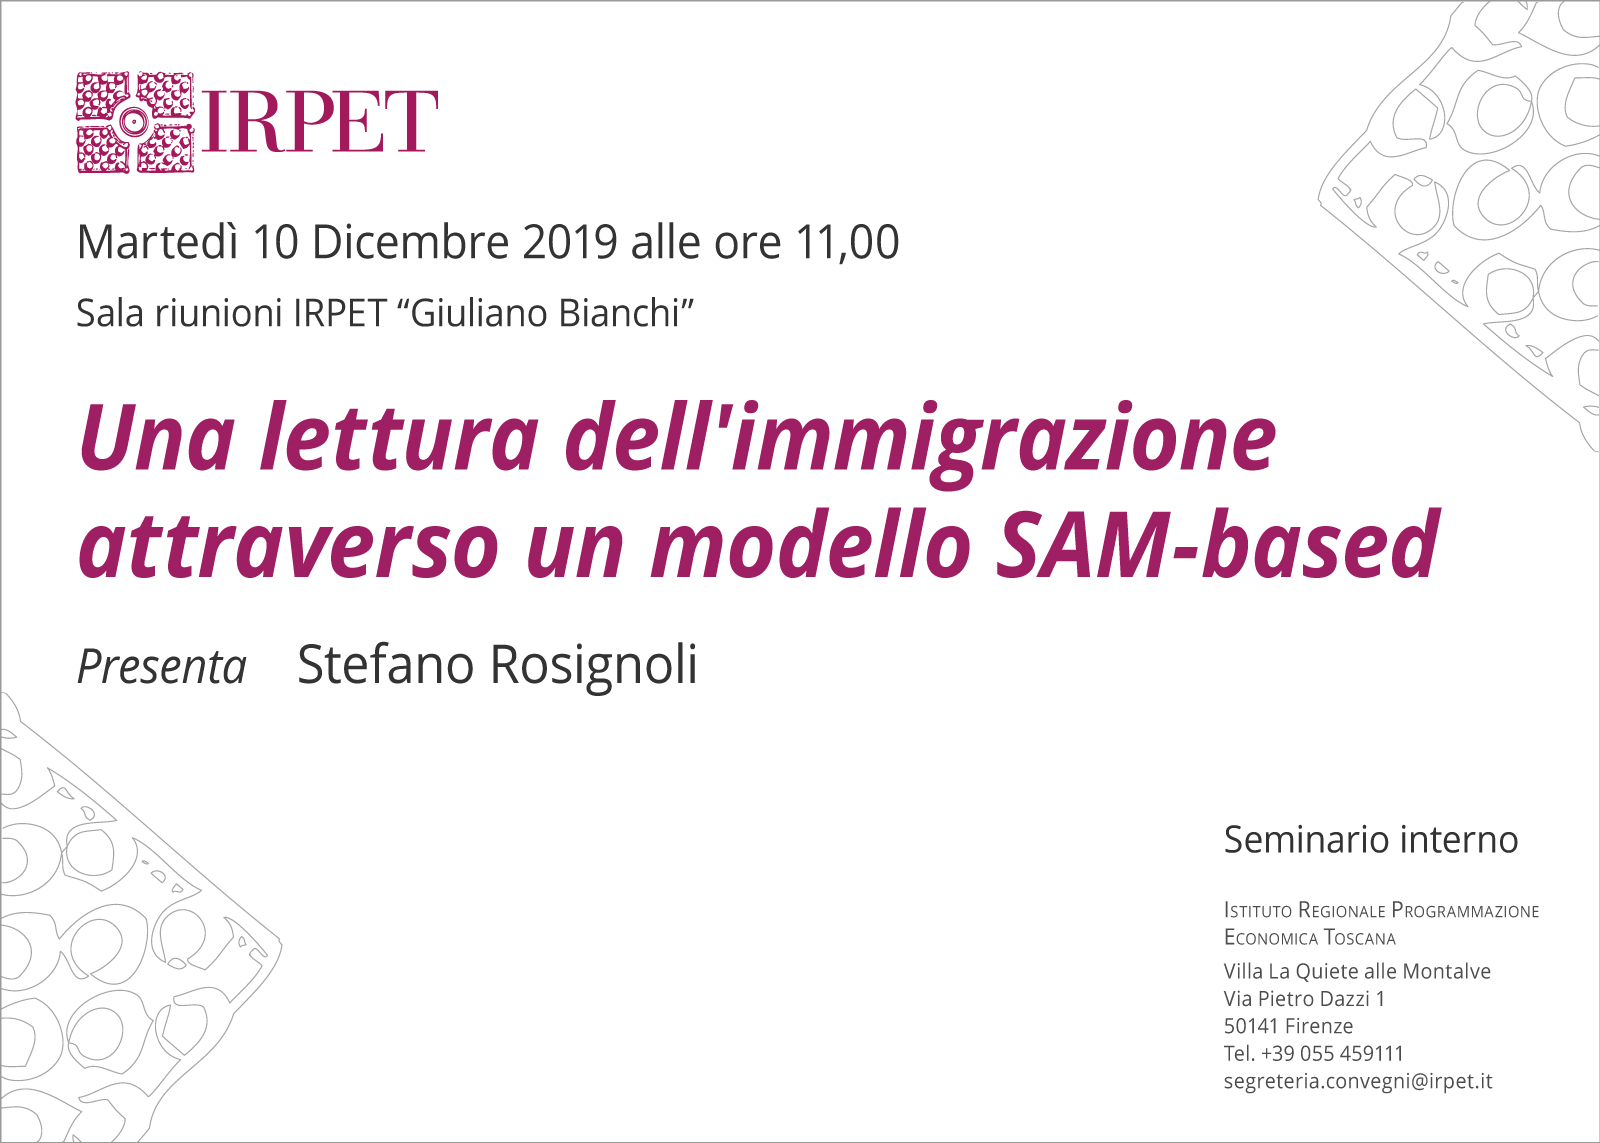 Invito-seminario-interno-09.12.2019